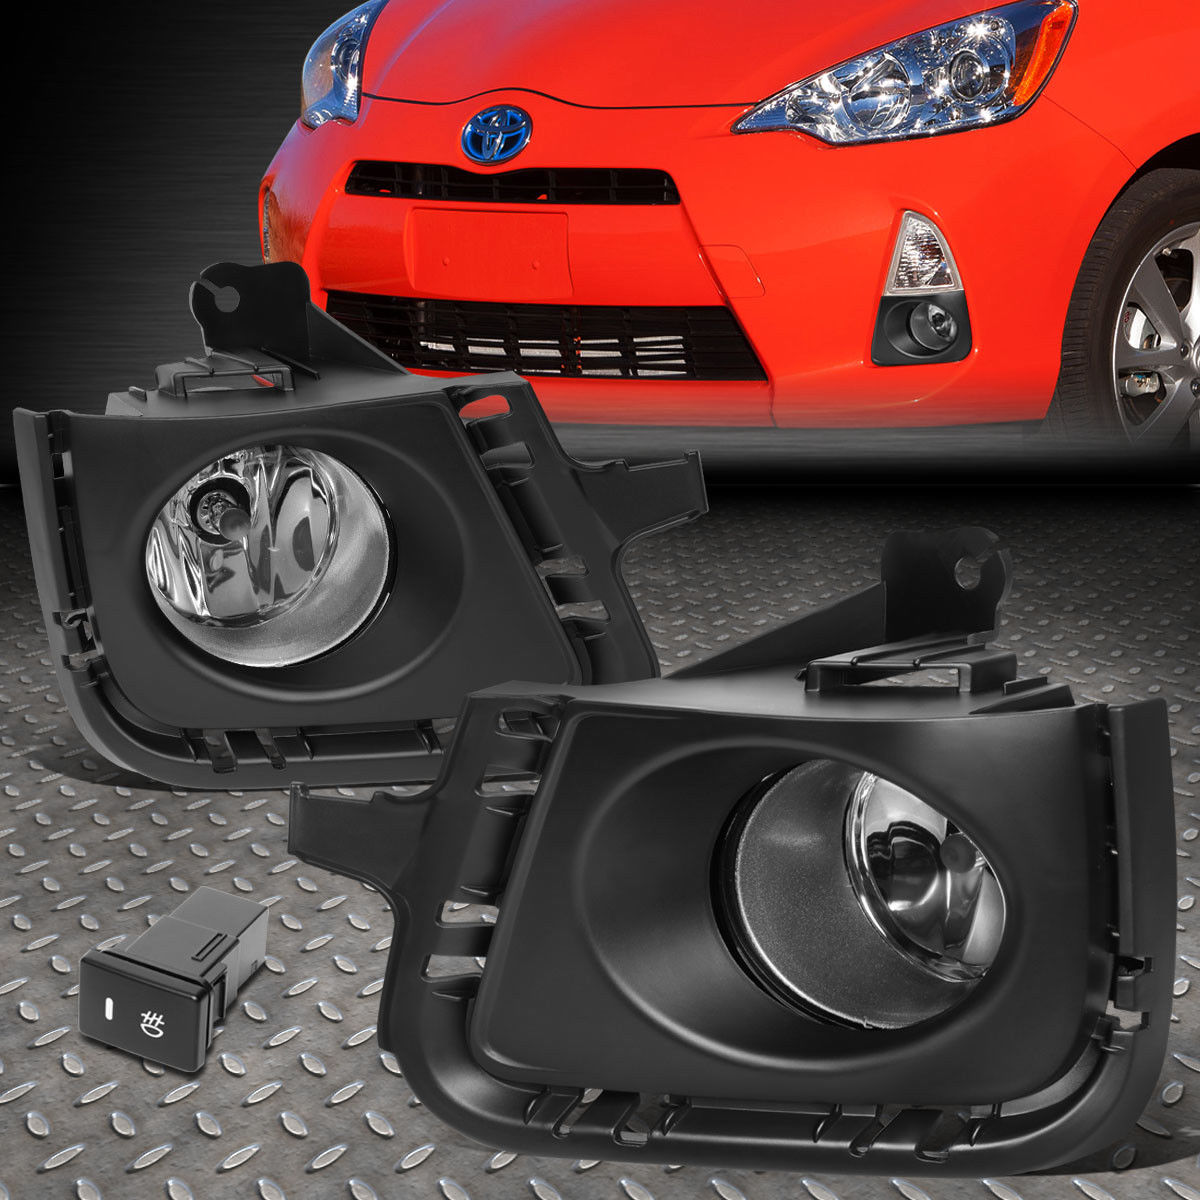 フォグライト FOR 12-14 TOYOTA PRIUS C CLEAR LENS FRONT BUMPER FOG LIGHT/LAMPS W/BEZEL+SWITCH FOR 12-14トヨタプリウスCクリアレンズフロントバンパーフォグライト/ベゼル+スイッチ付ランプ